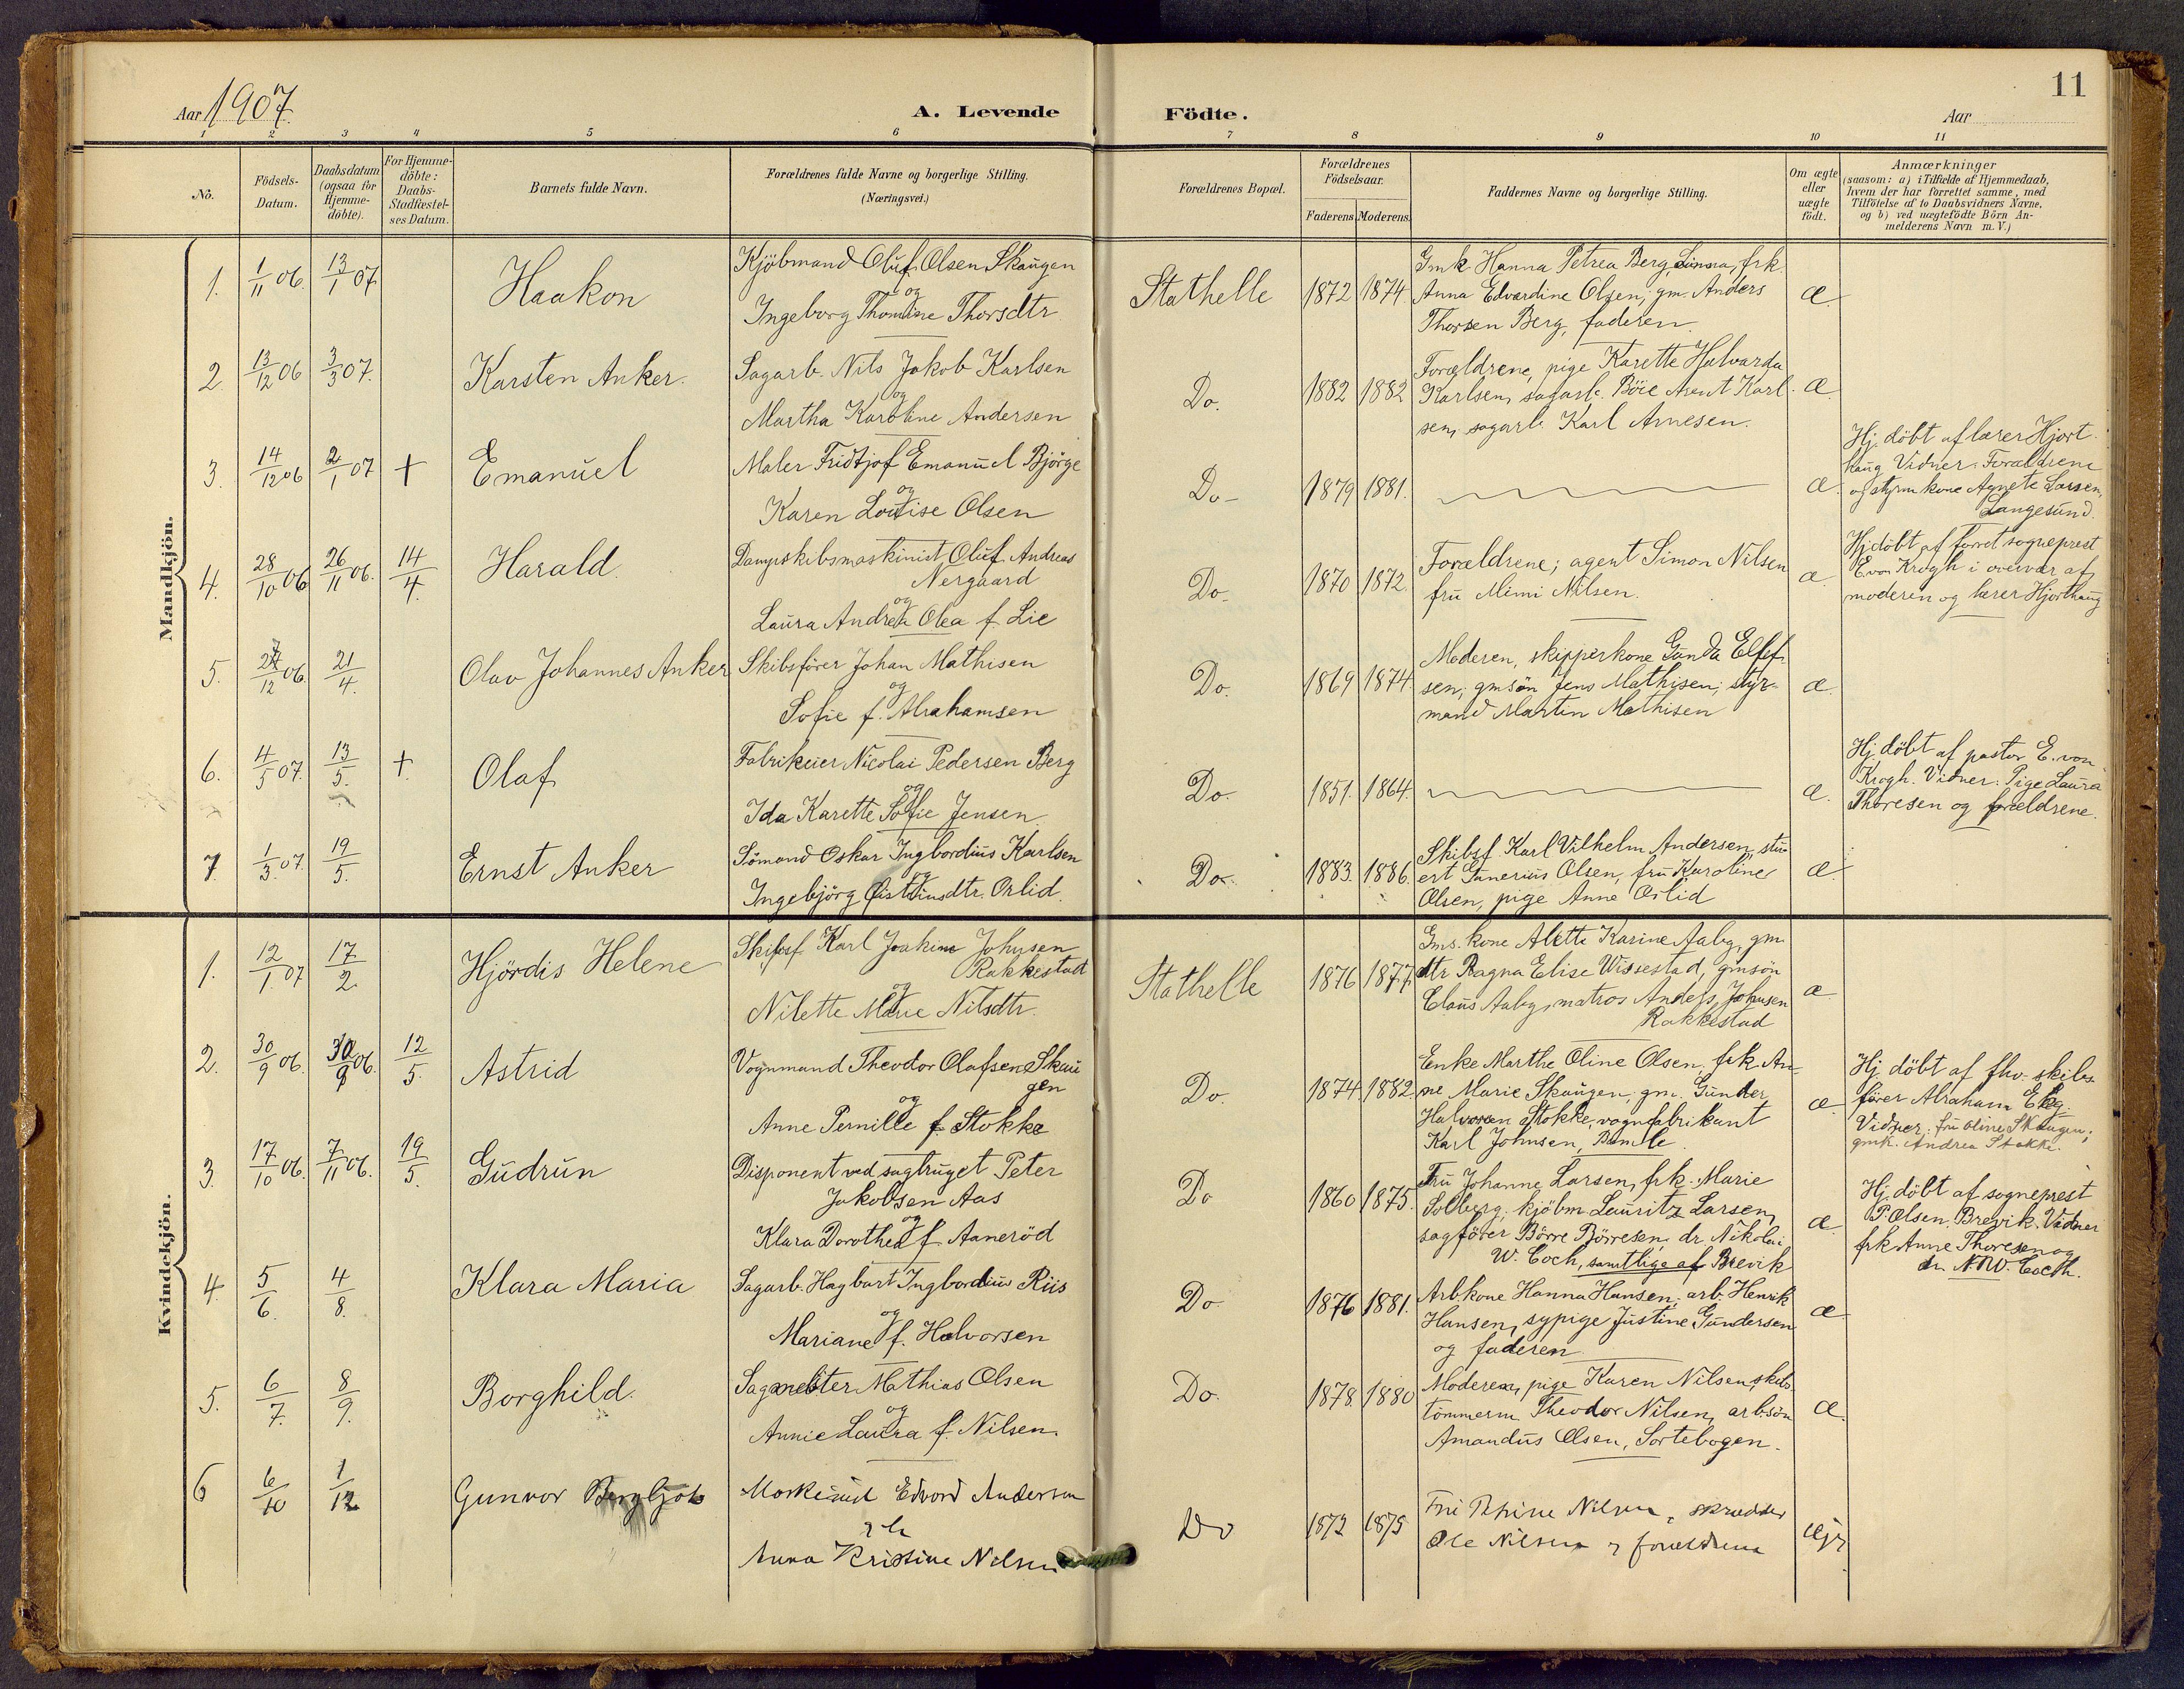 SAKO, Bamble kirkebøker, F/Fb/L0002: Ministerialbok nr. II 2, 1900-1921, s. 11